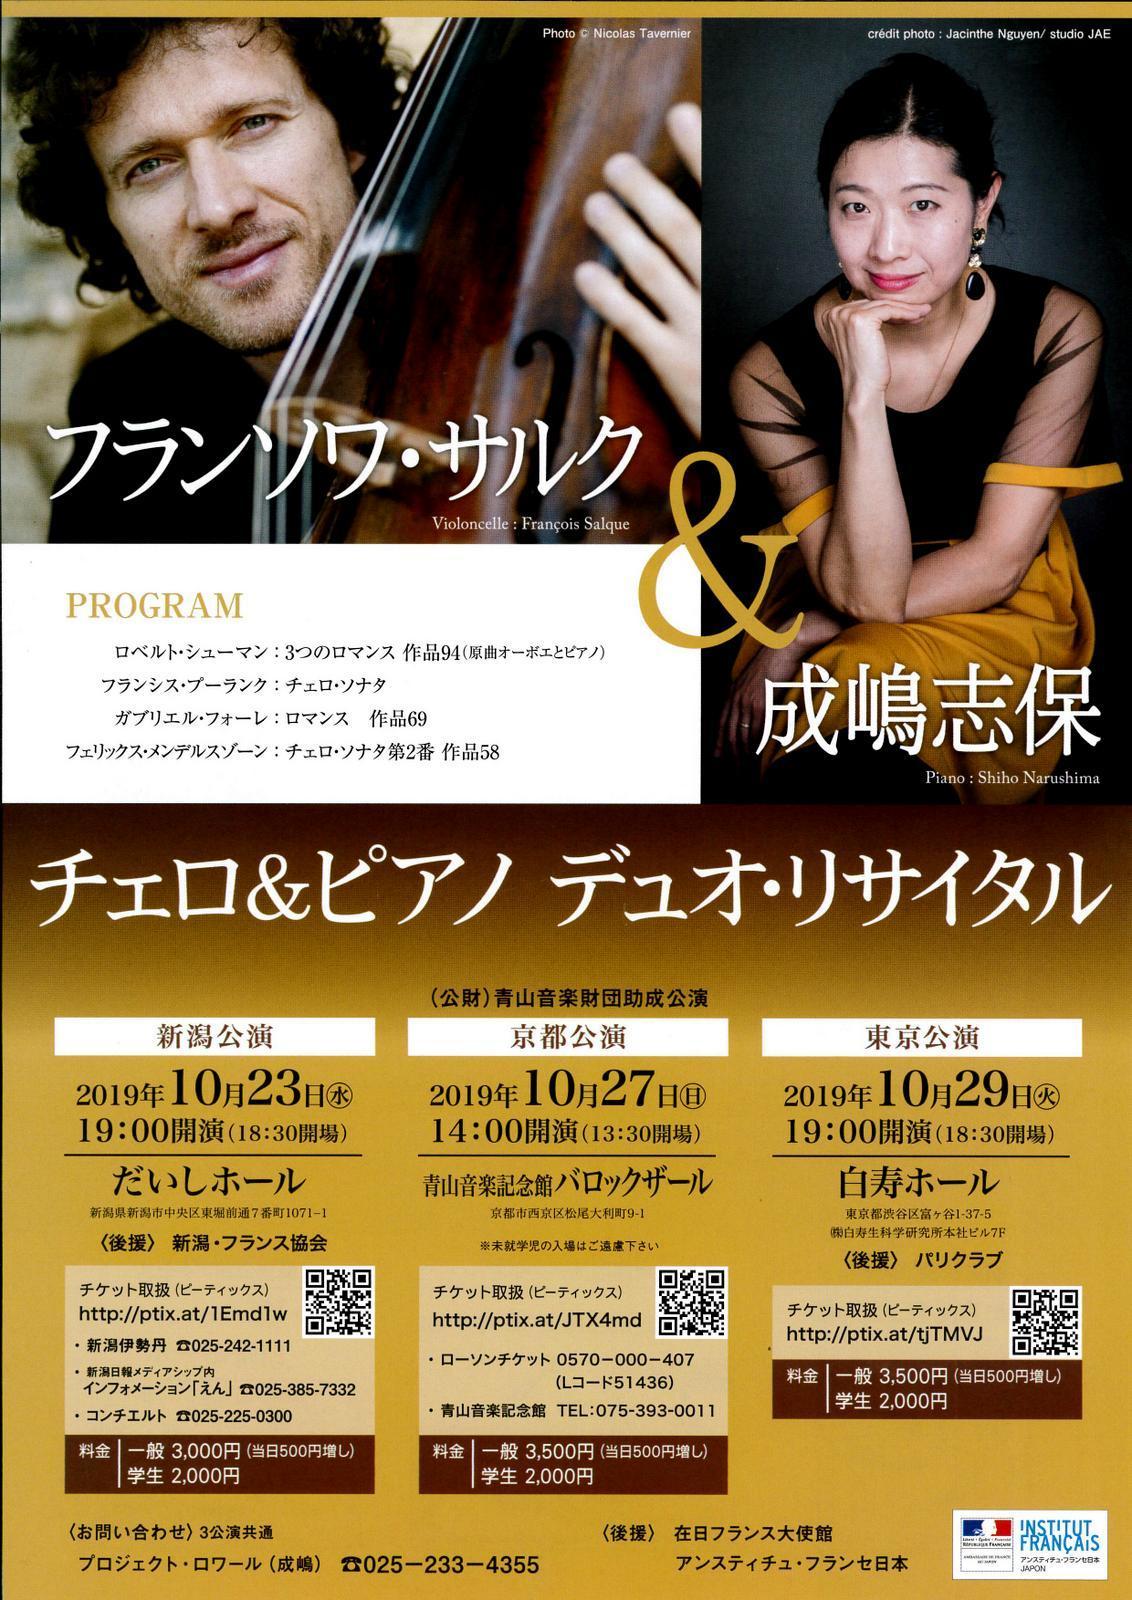 昨夜は成嶋志保さん&サルクさんの公演に。_e0046190_16510605.jpg